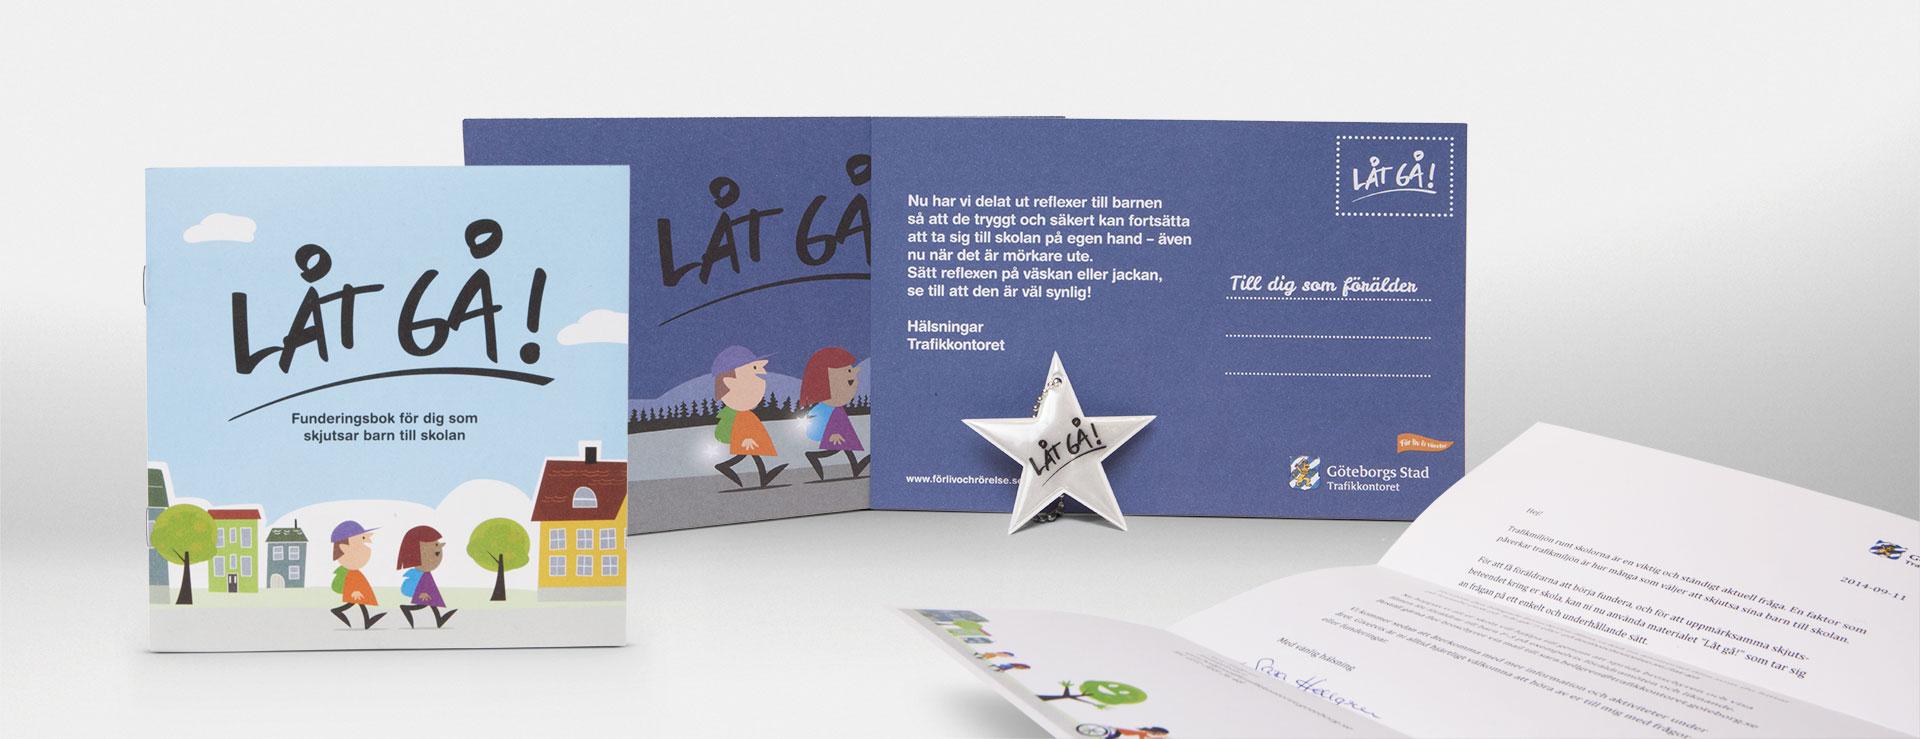 Göteborgs Stad - Låt Gå! - folder, vykort, brev